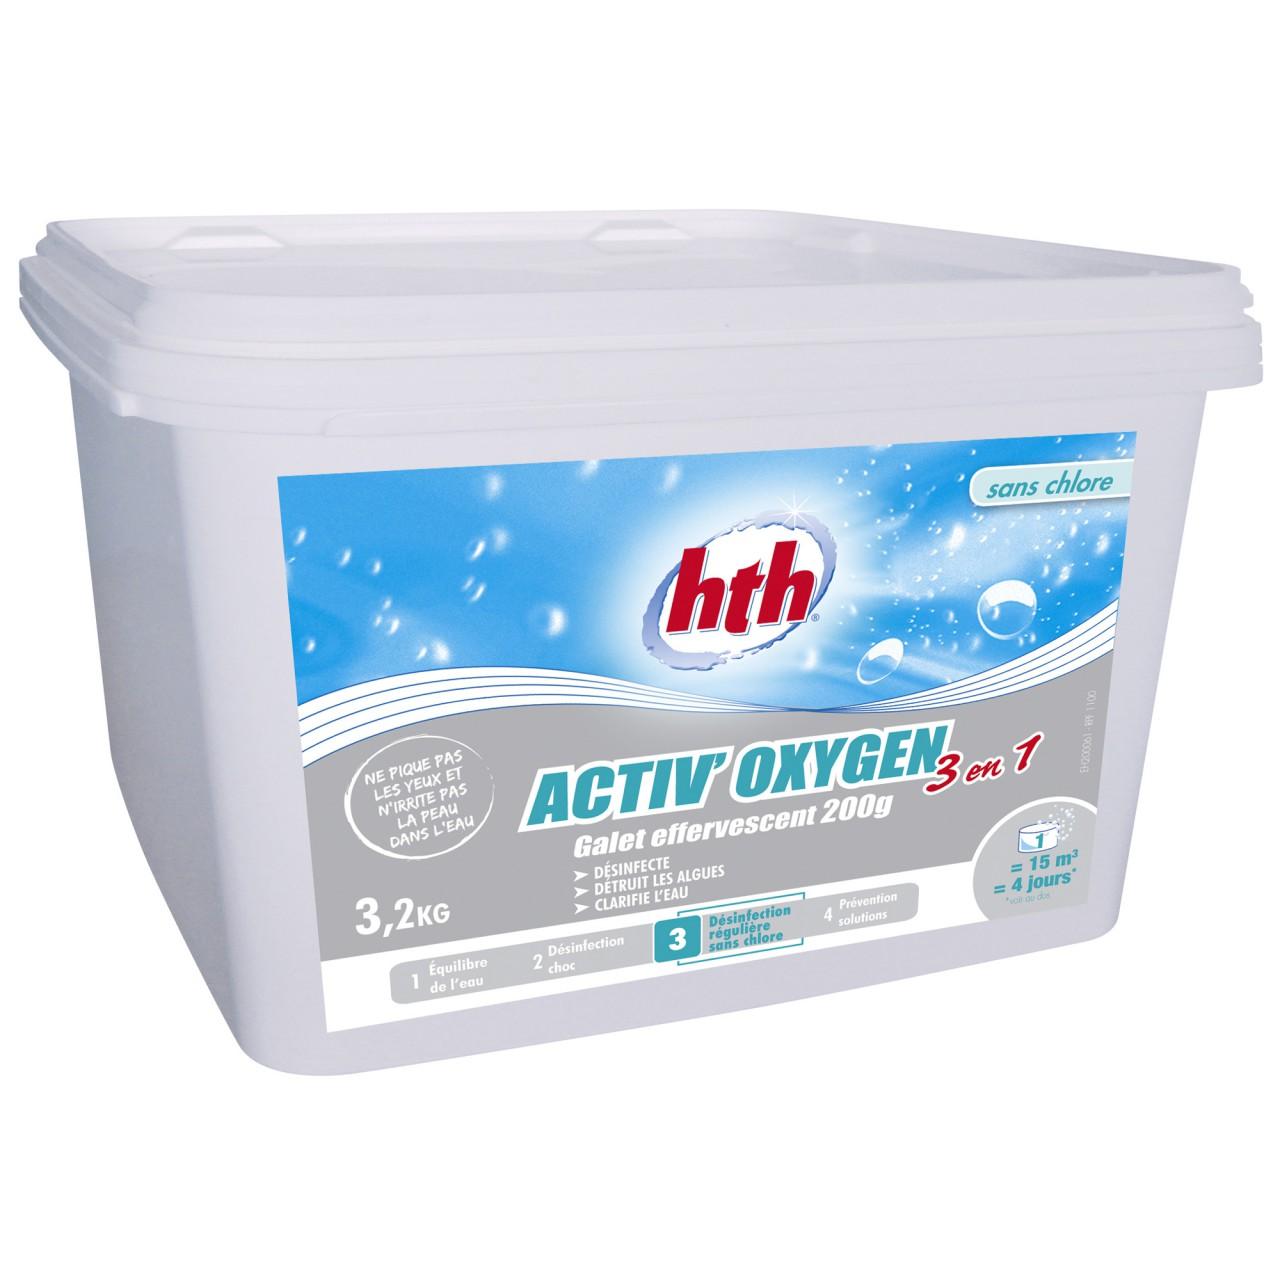 HTH Oxygen 3 in 1 Aktivsauerstoff Desinfektion 3,2kg